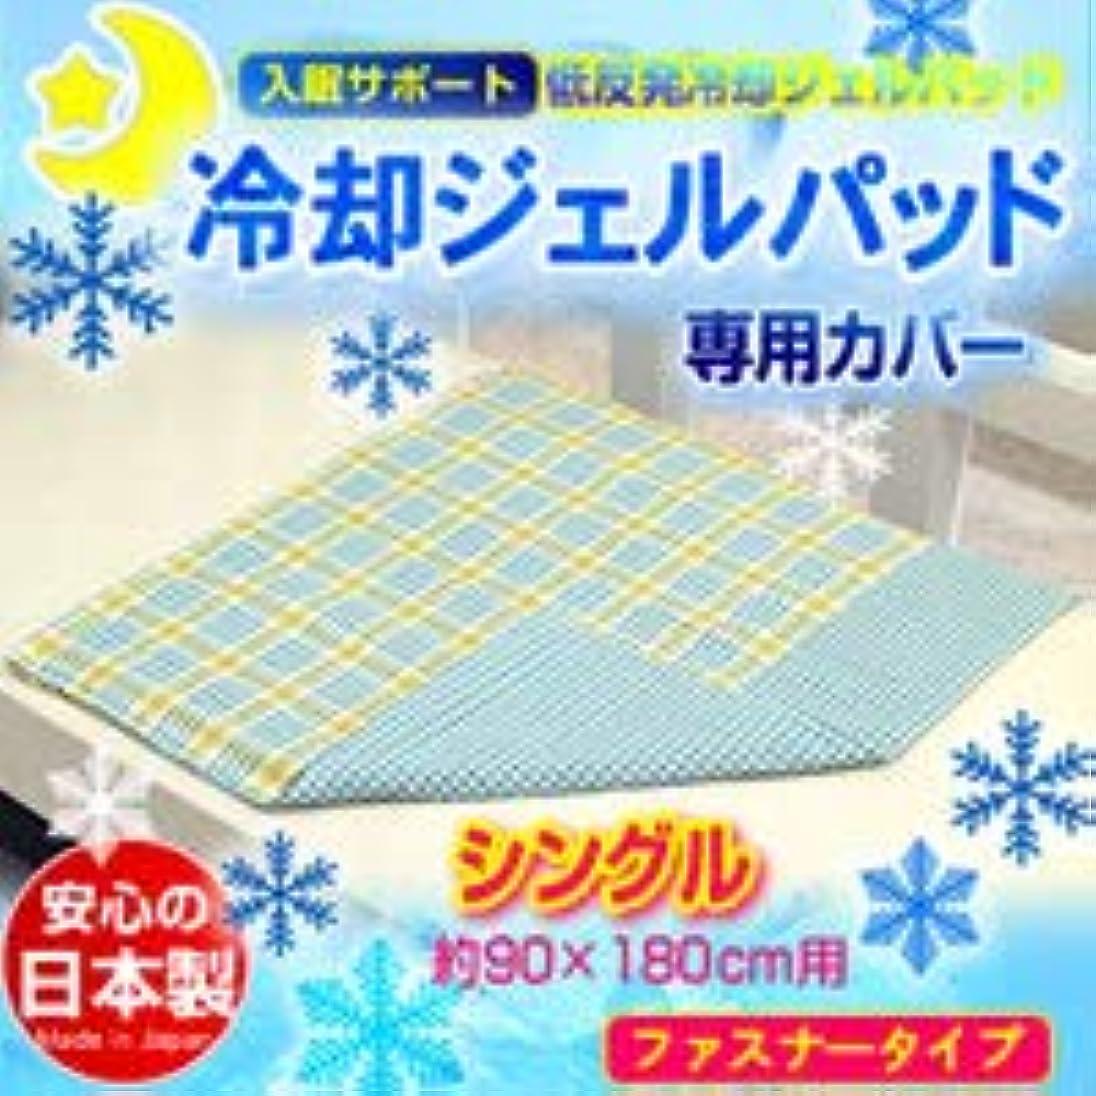 明らか写真を描く季節2010年度版冷却ジェルパッド専用カバー(ファスナータイプ) シングル 約90×180cm用 【人気 おすすめ 通販パーク】